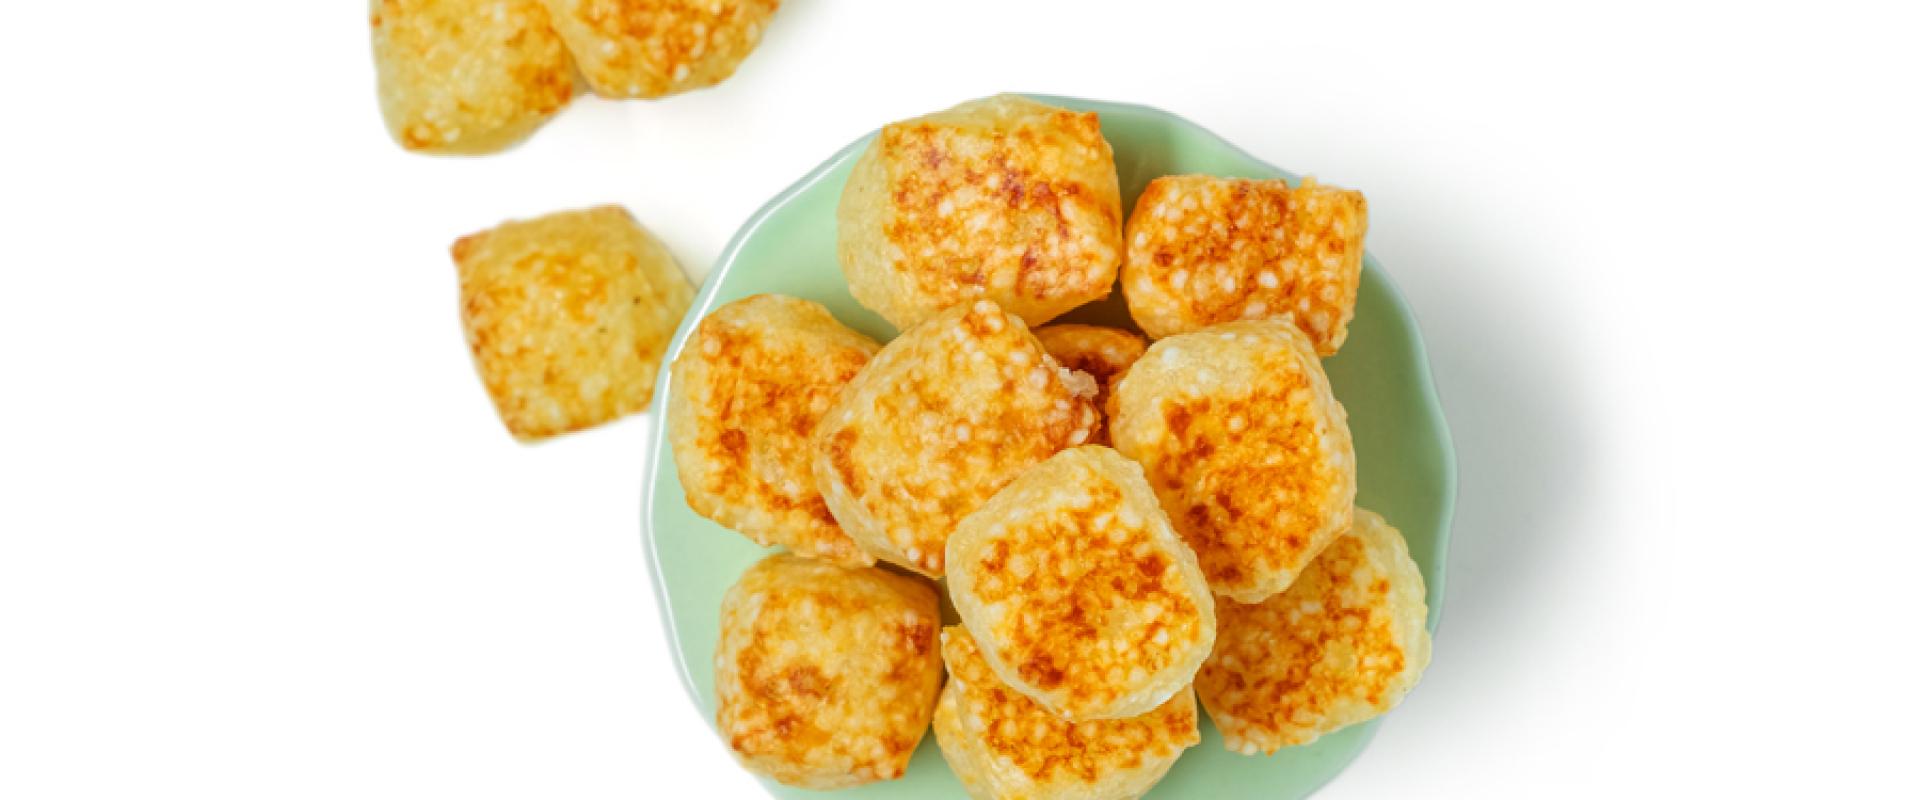 Cubos de tapioca Lanches Keep Light para Orgânico Gourmet